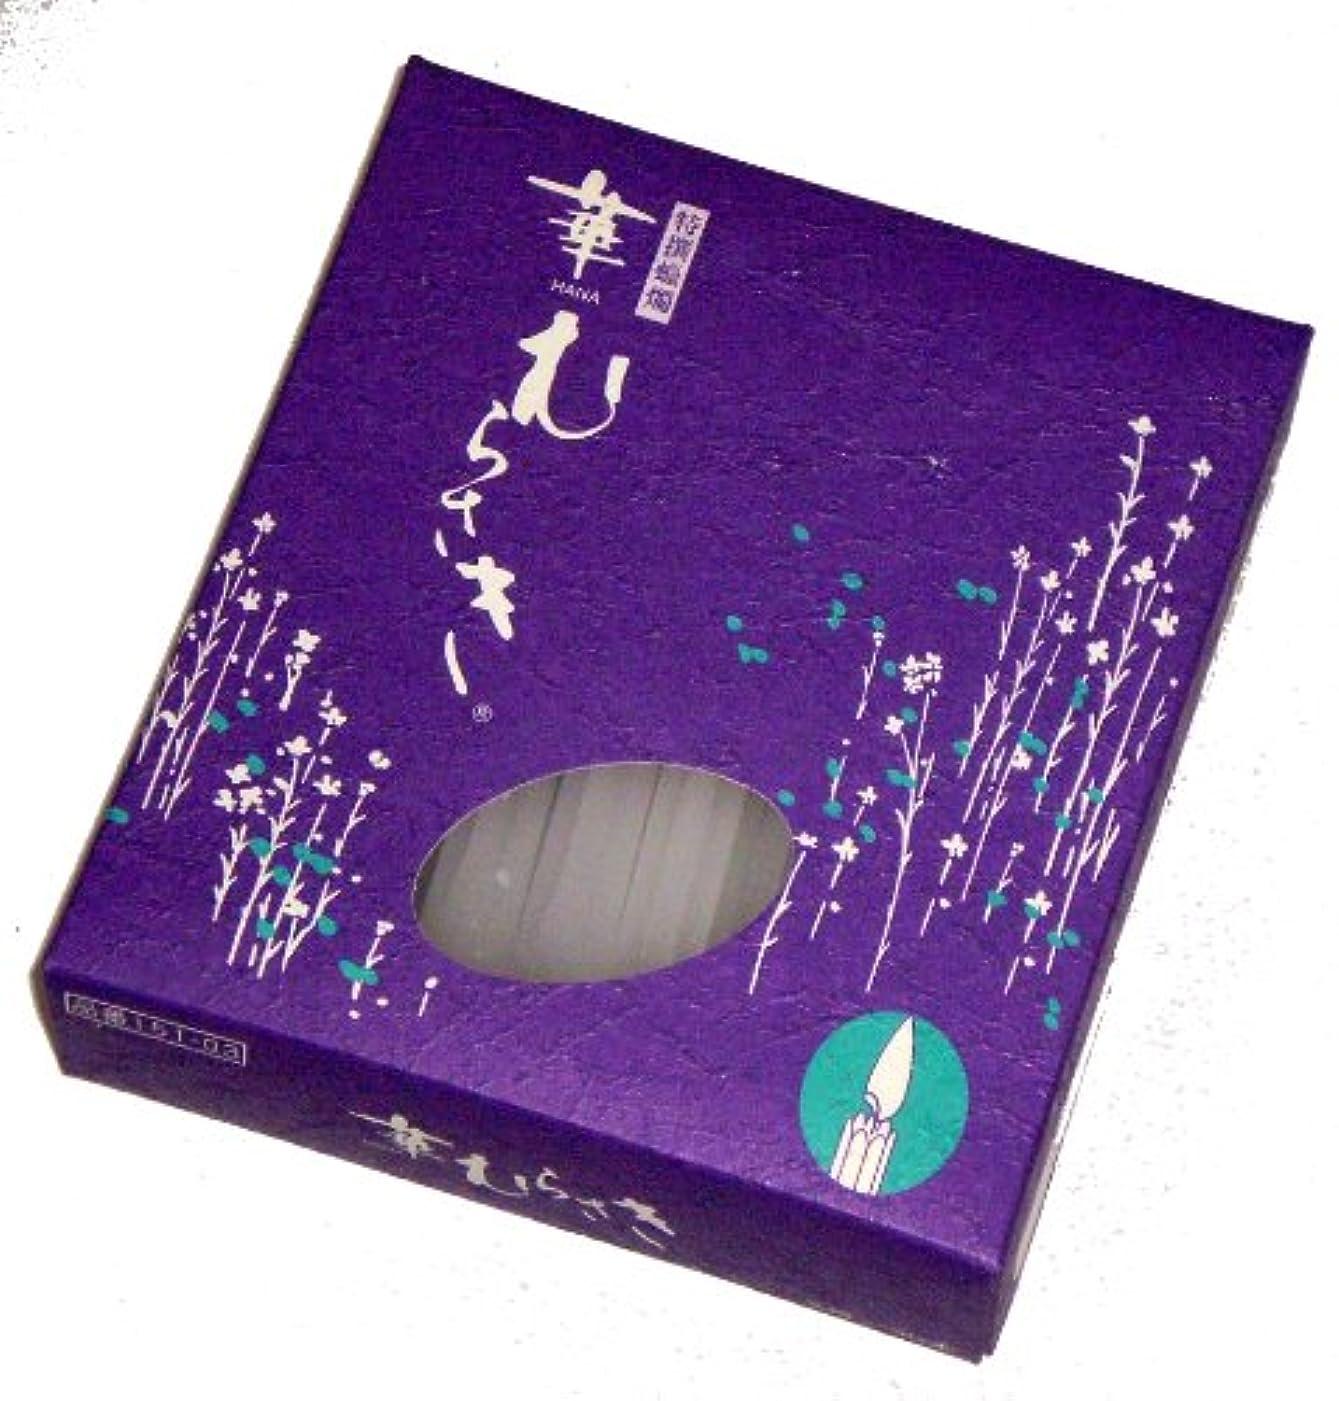 ミケランジェロ光沢塗抹東海製蝋のろうそく 花びらローソク 華むらさき 2号30本